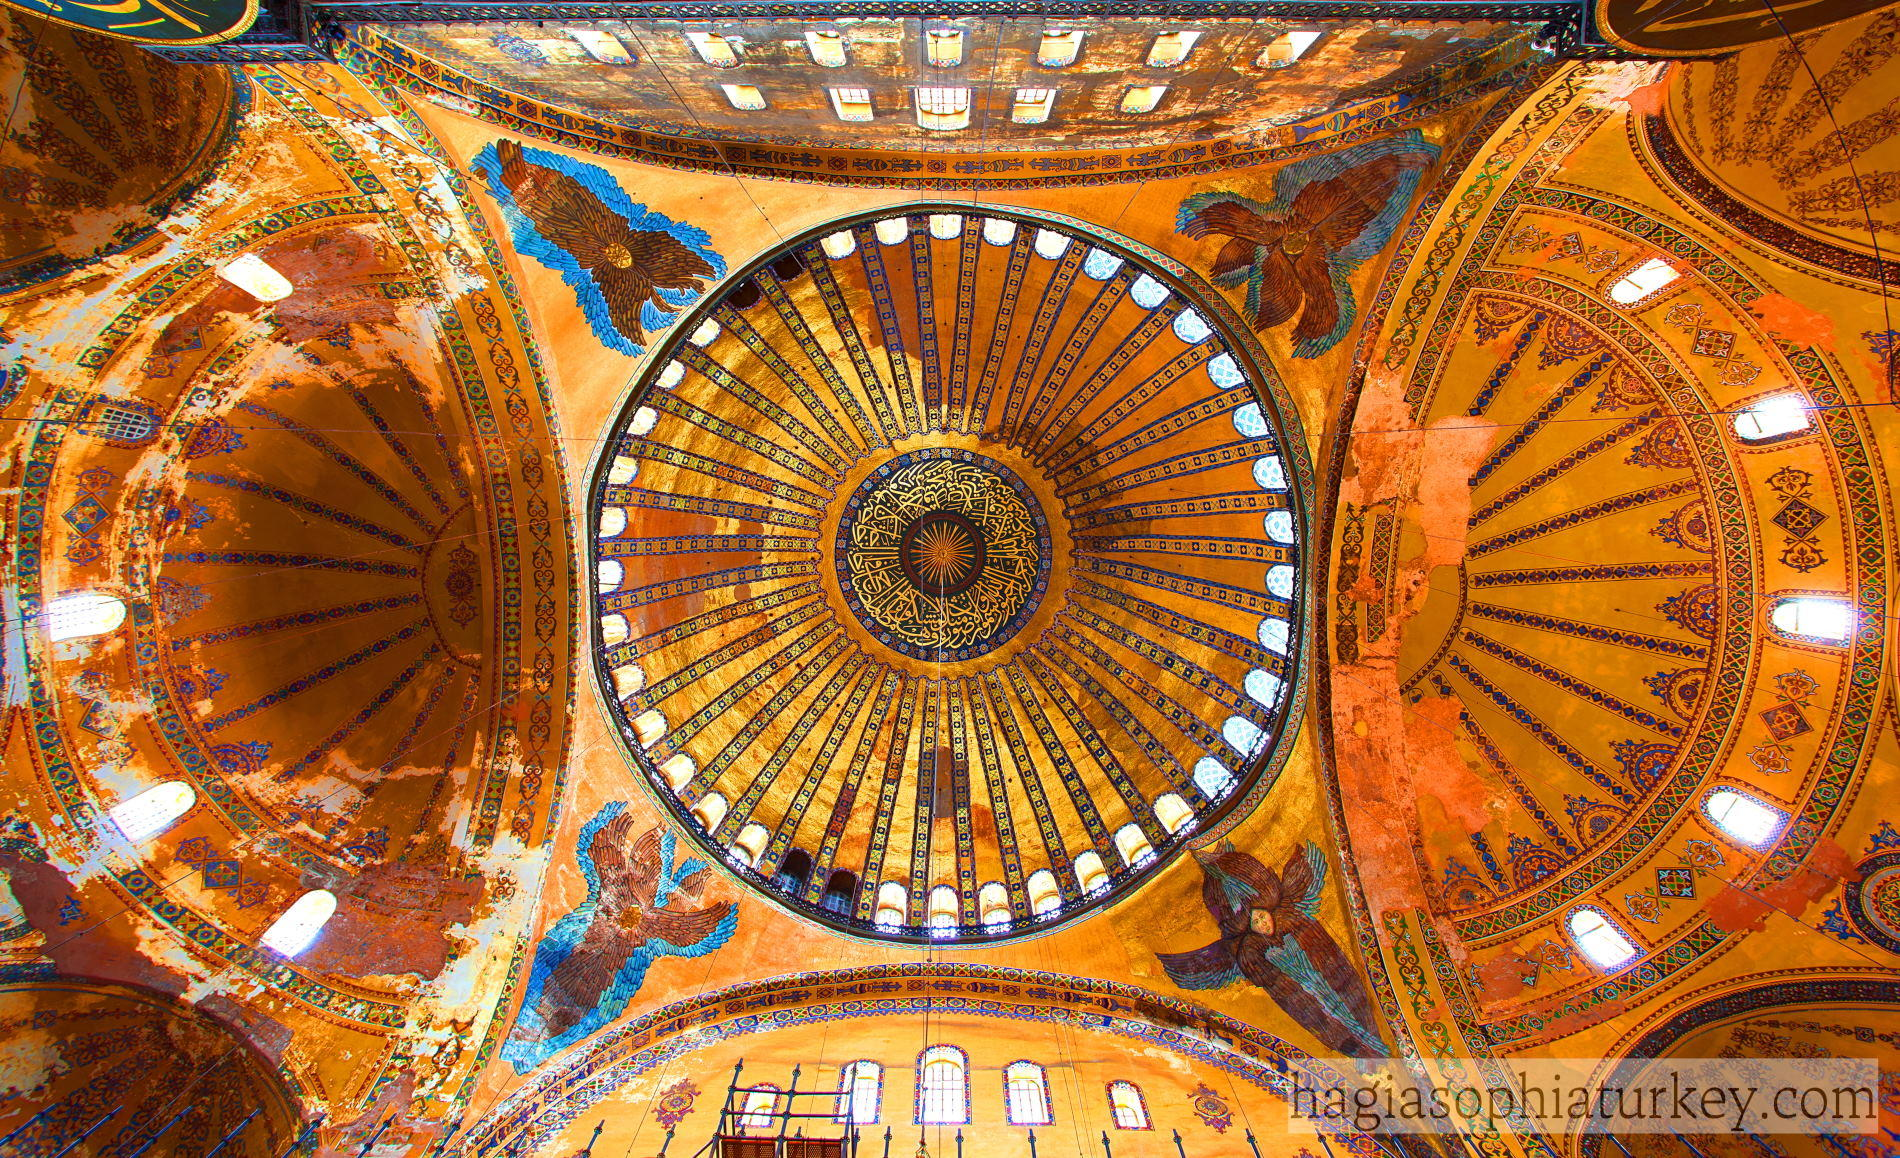 Dome of Hagia Sophia » Hagia Sophia